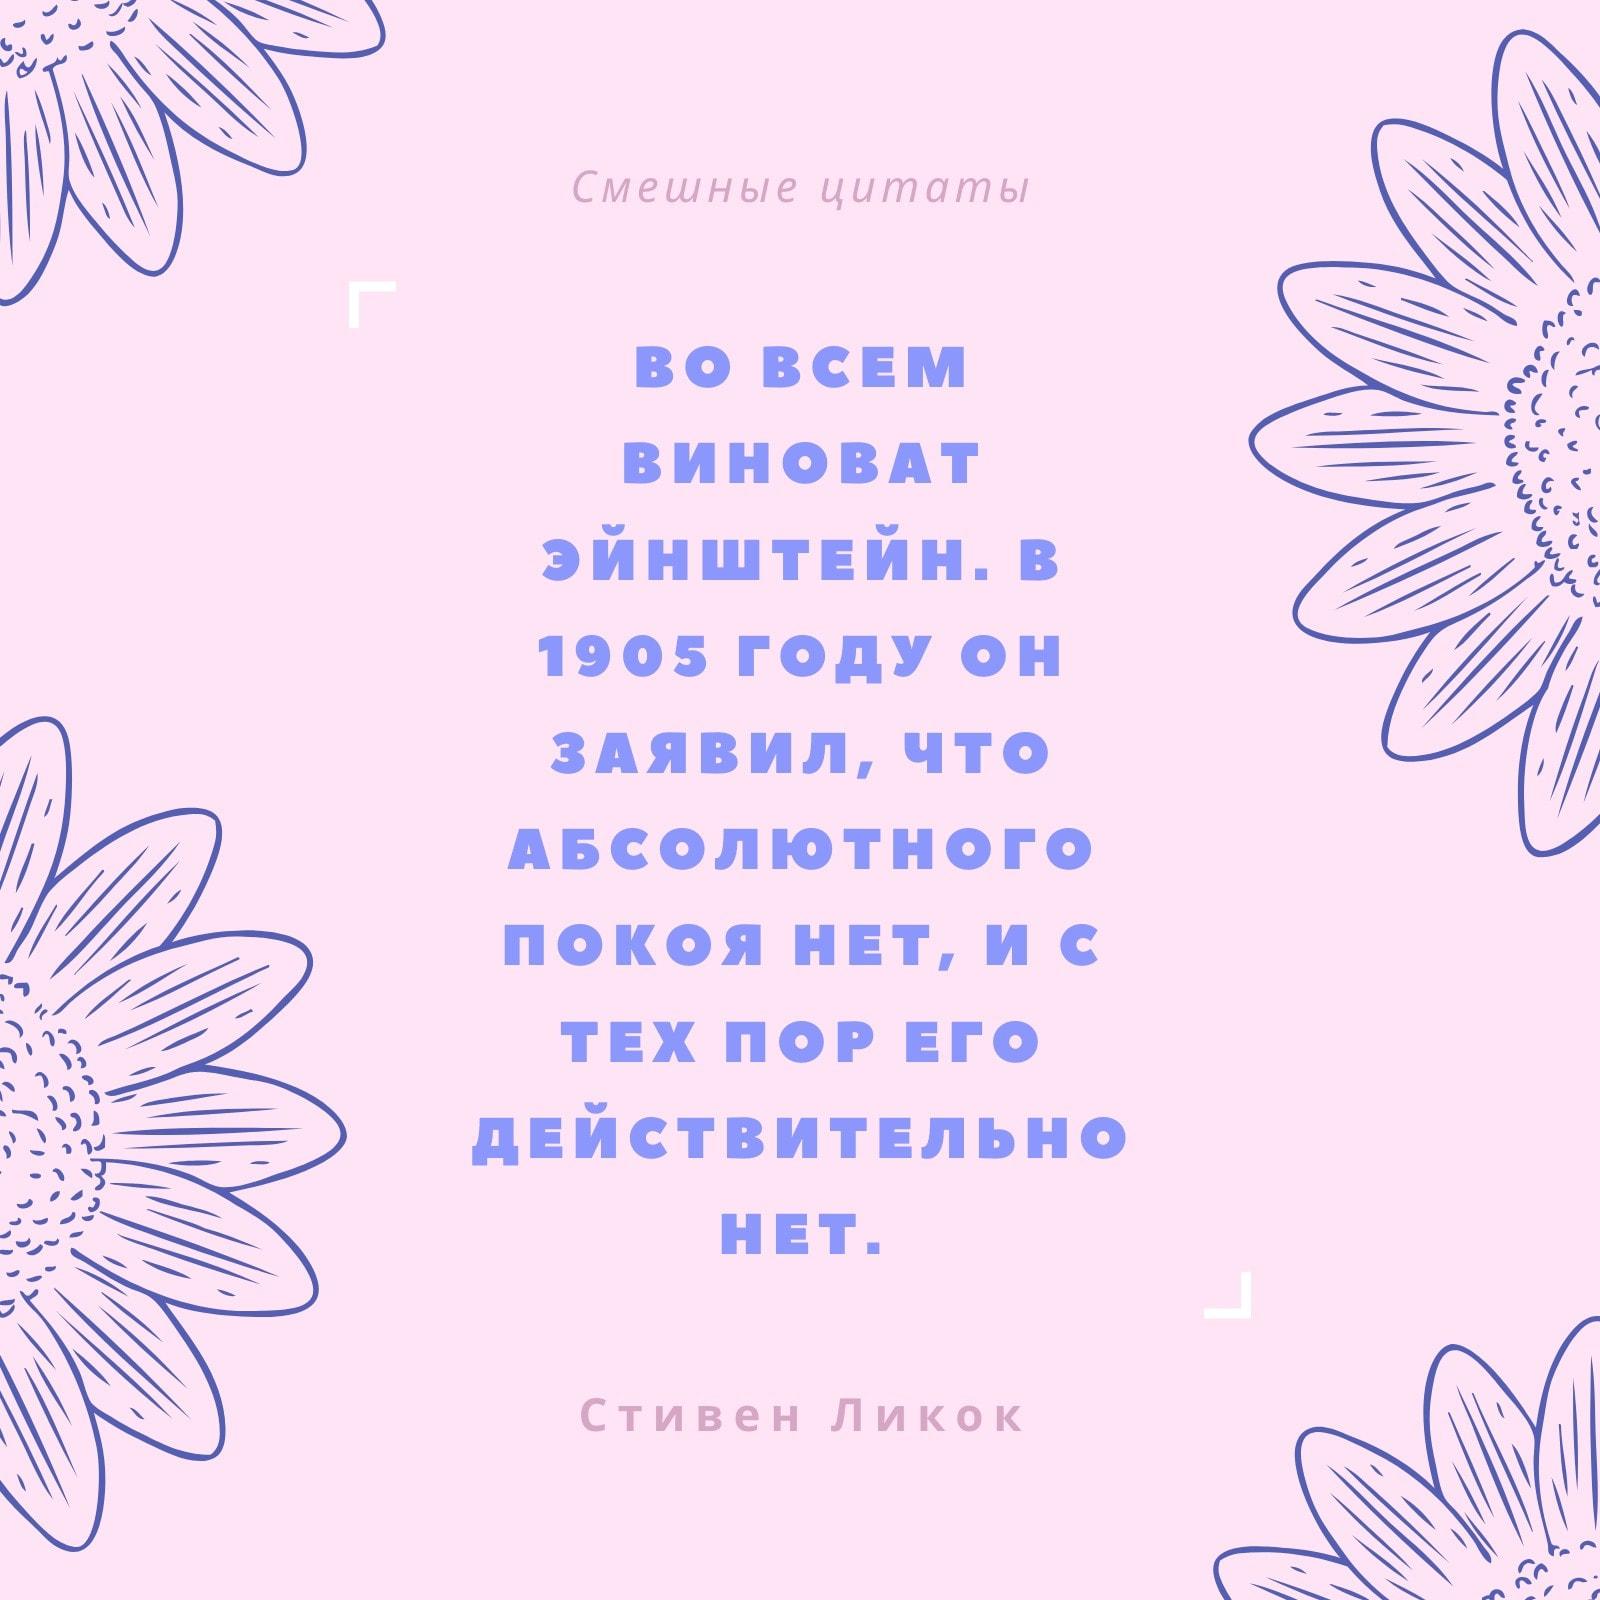 Публикация в Instagram со смешной цитатой и цветами на розовом фоне